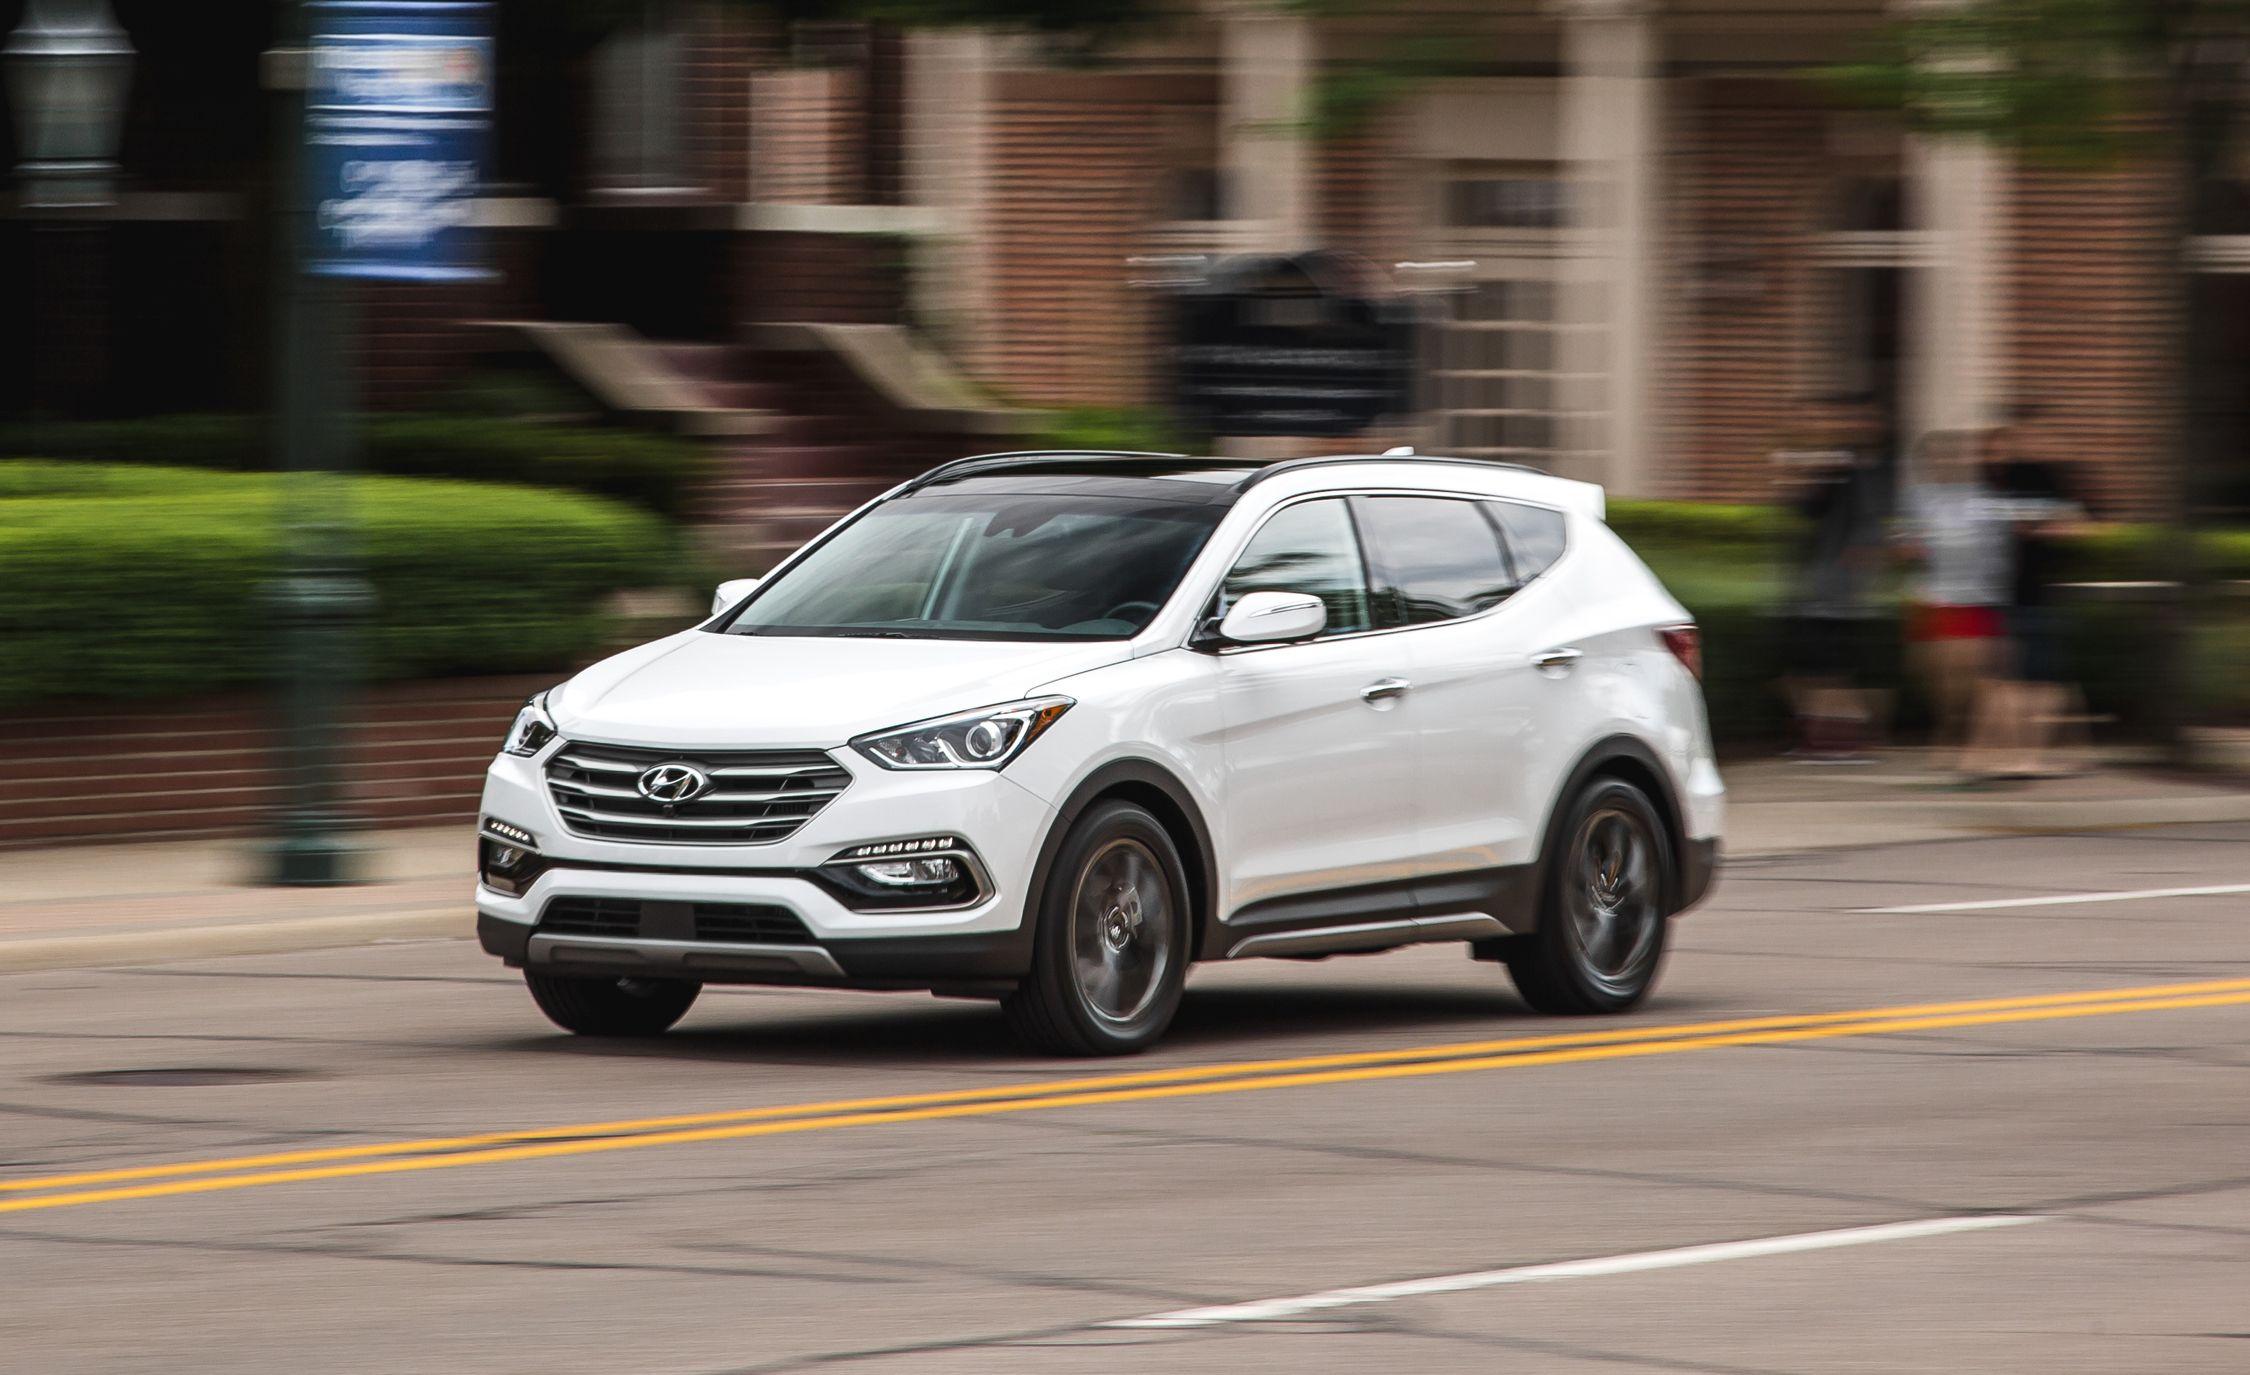 2019 Hyundai Santa Fe Sport Reviews Hyundai Santa Fe Sport Price